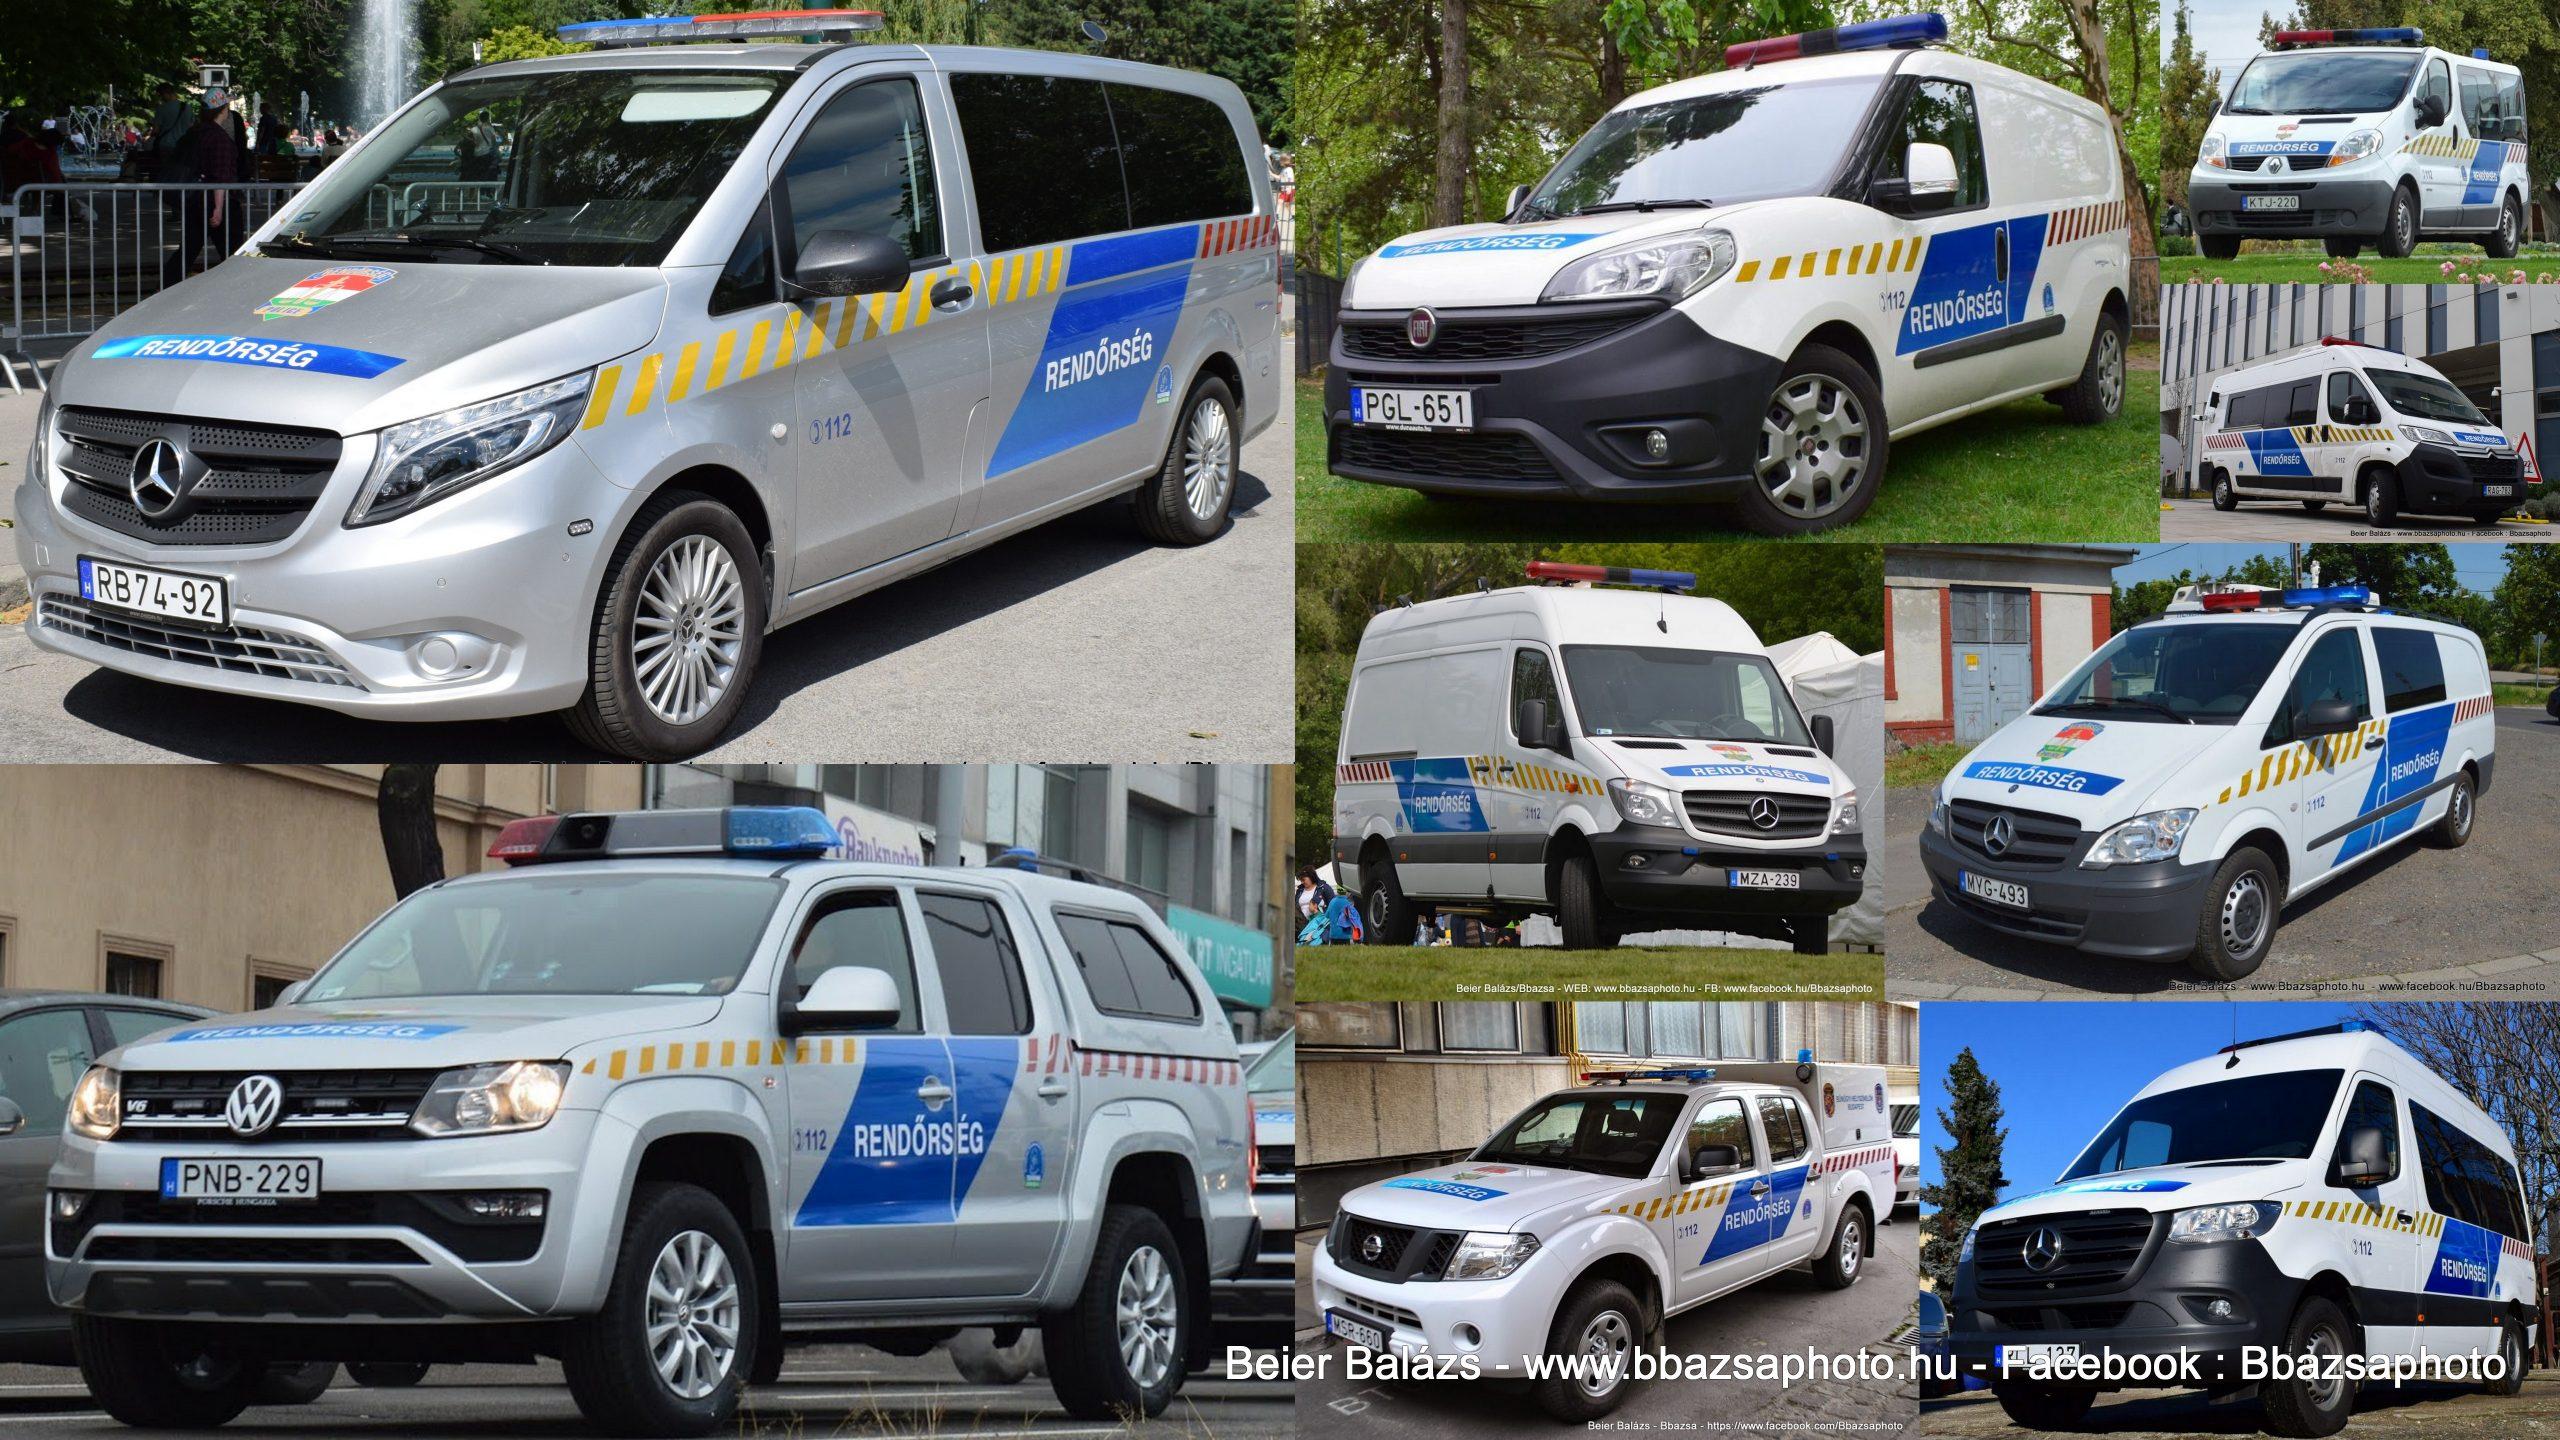 Típus lista – Rendőrség / Haszongépjármű